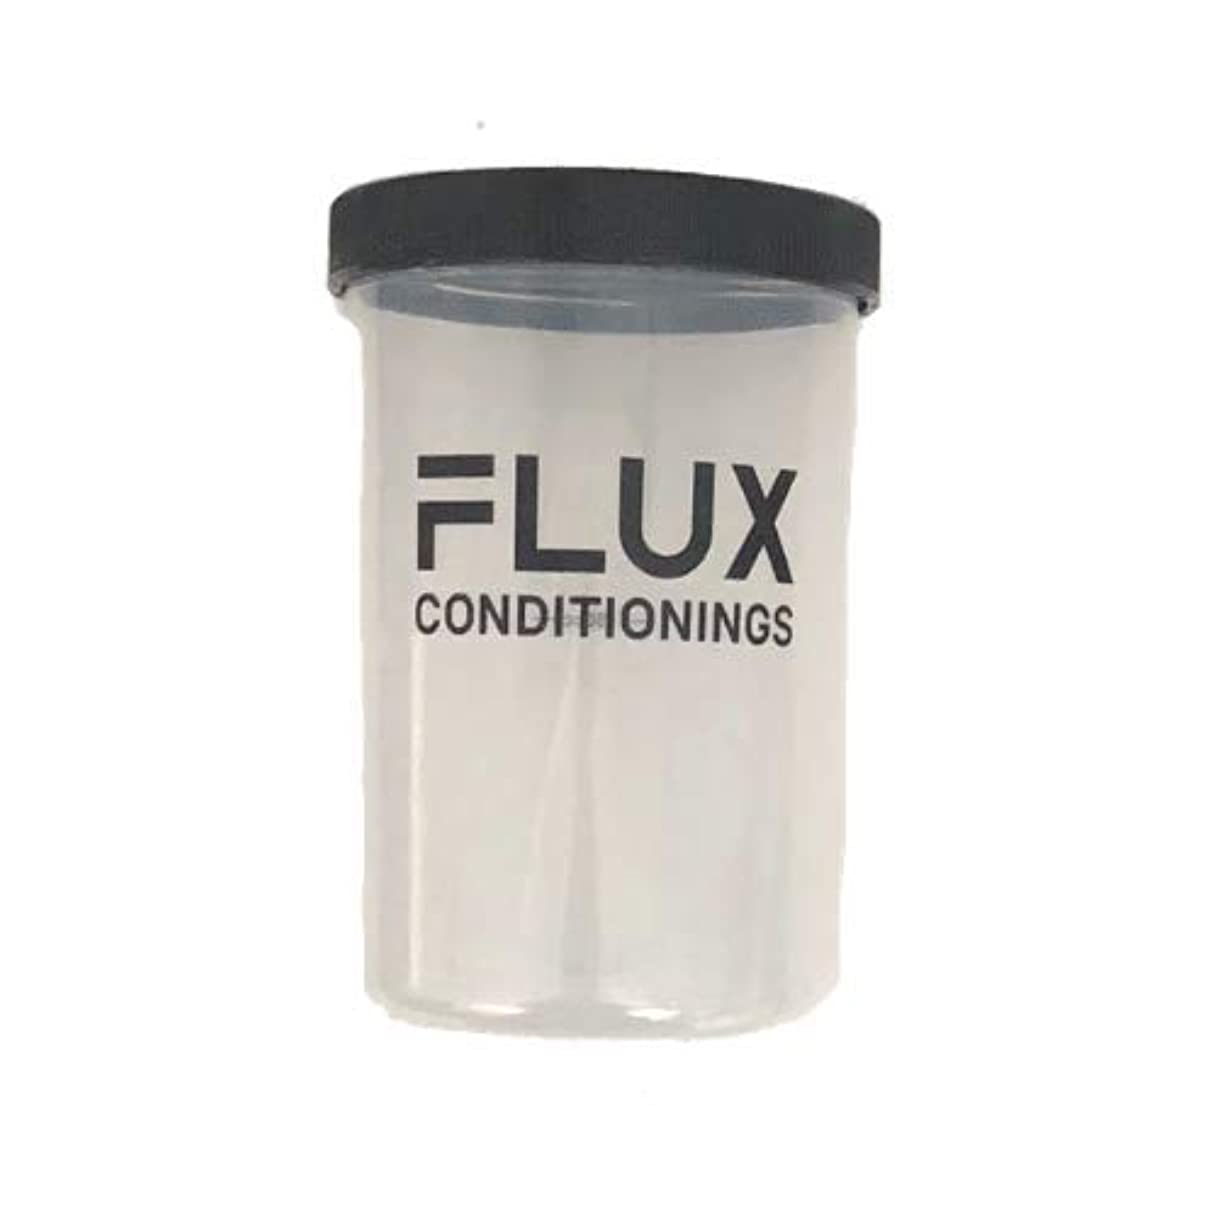 歯車憂慮すべき排泄物代官山FLUX(フラックス)ジム、プロテインシェーカー (500ml)